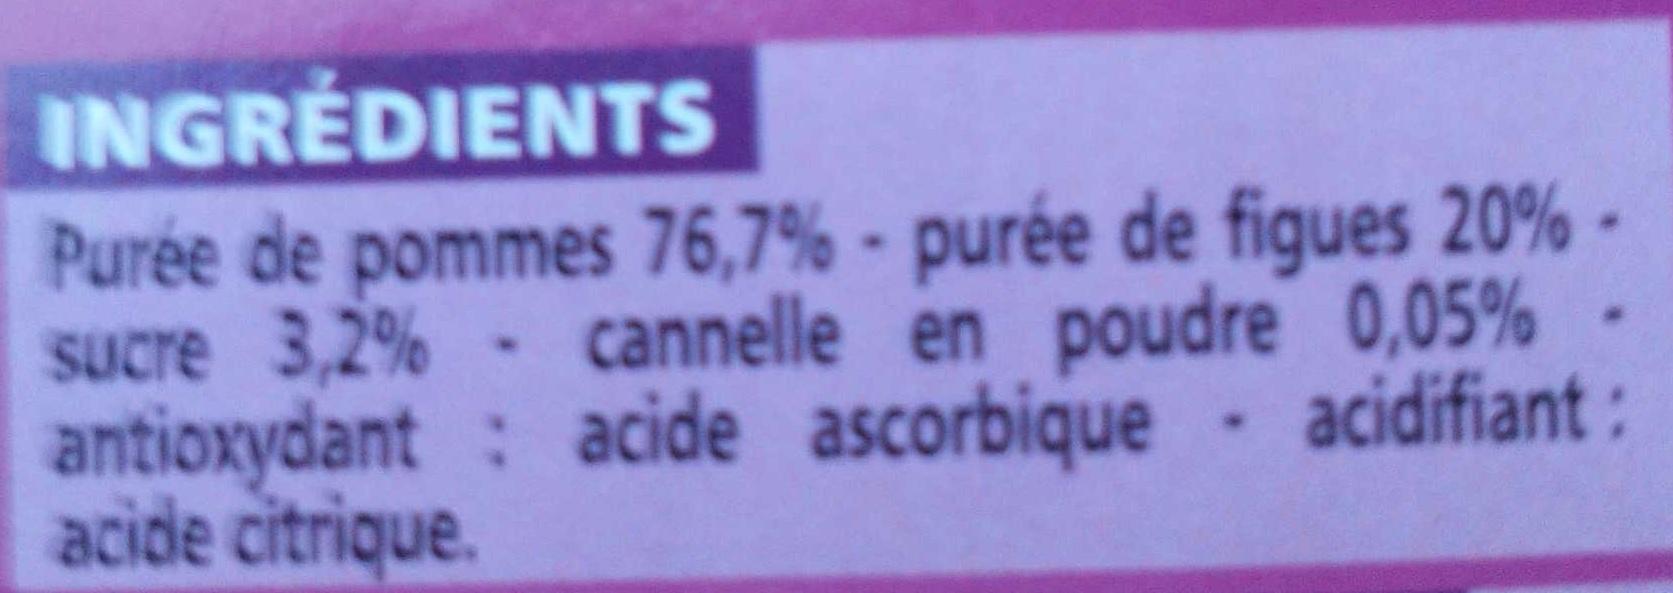 Compote all g e pomme figue cannelle casino 400 g 4 x 100 g - Acide citrique poudre ...